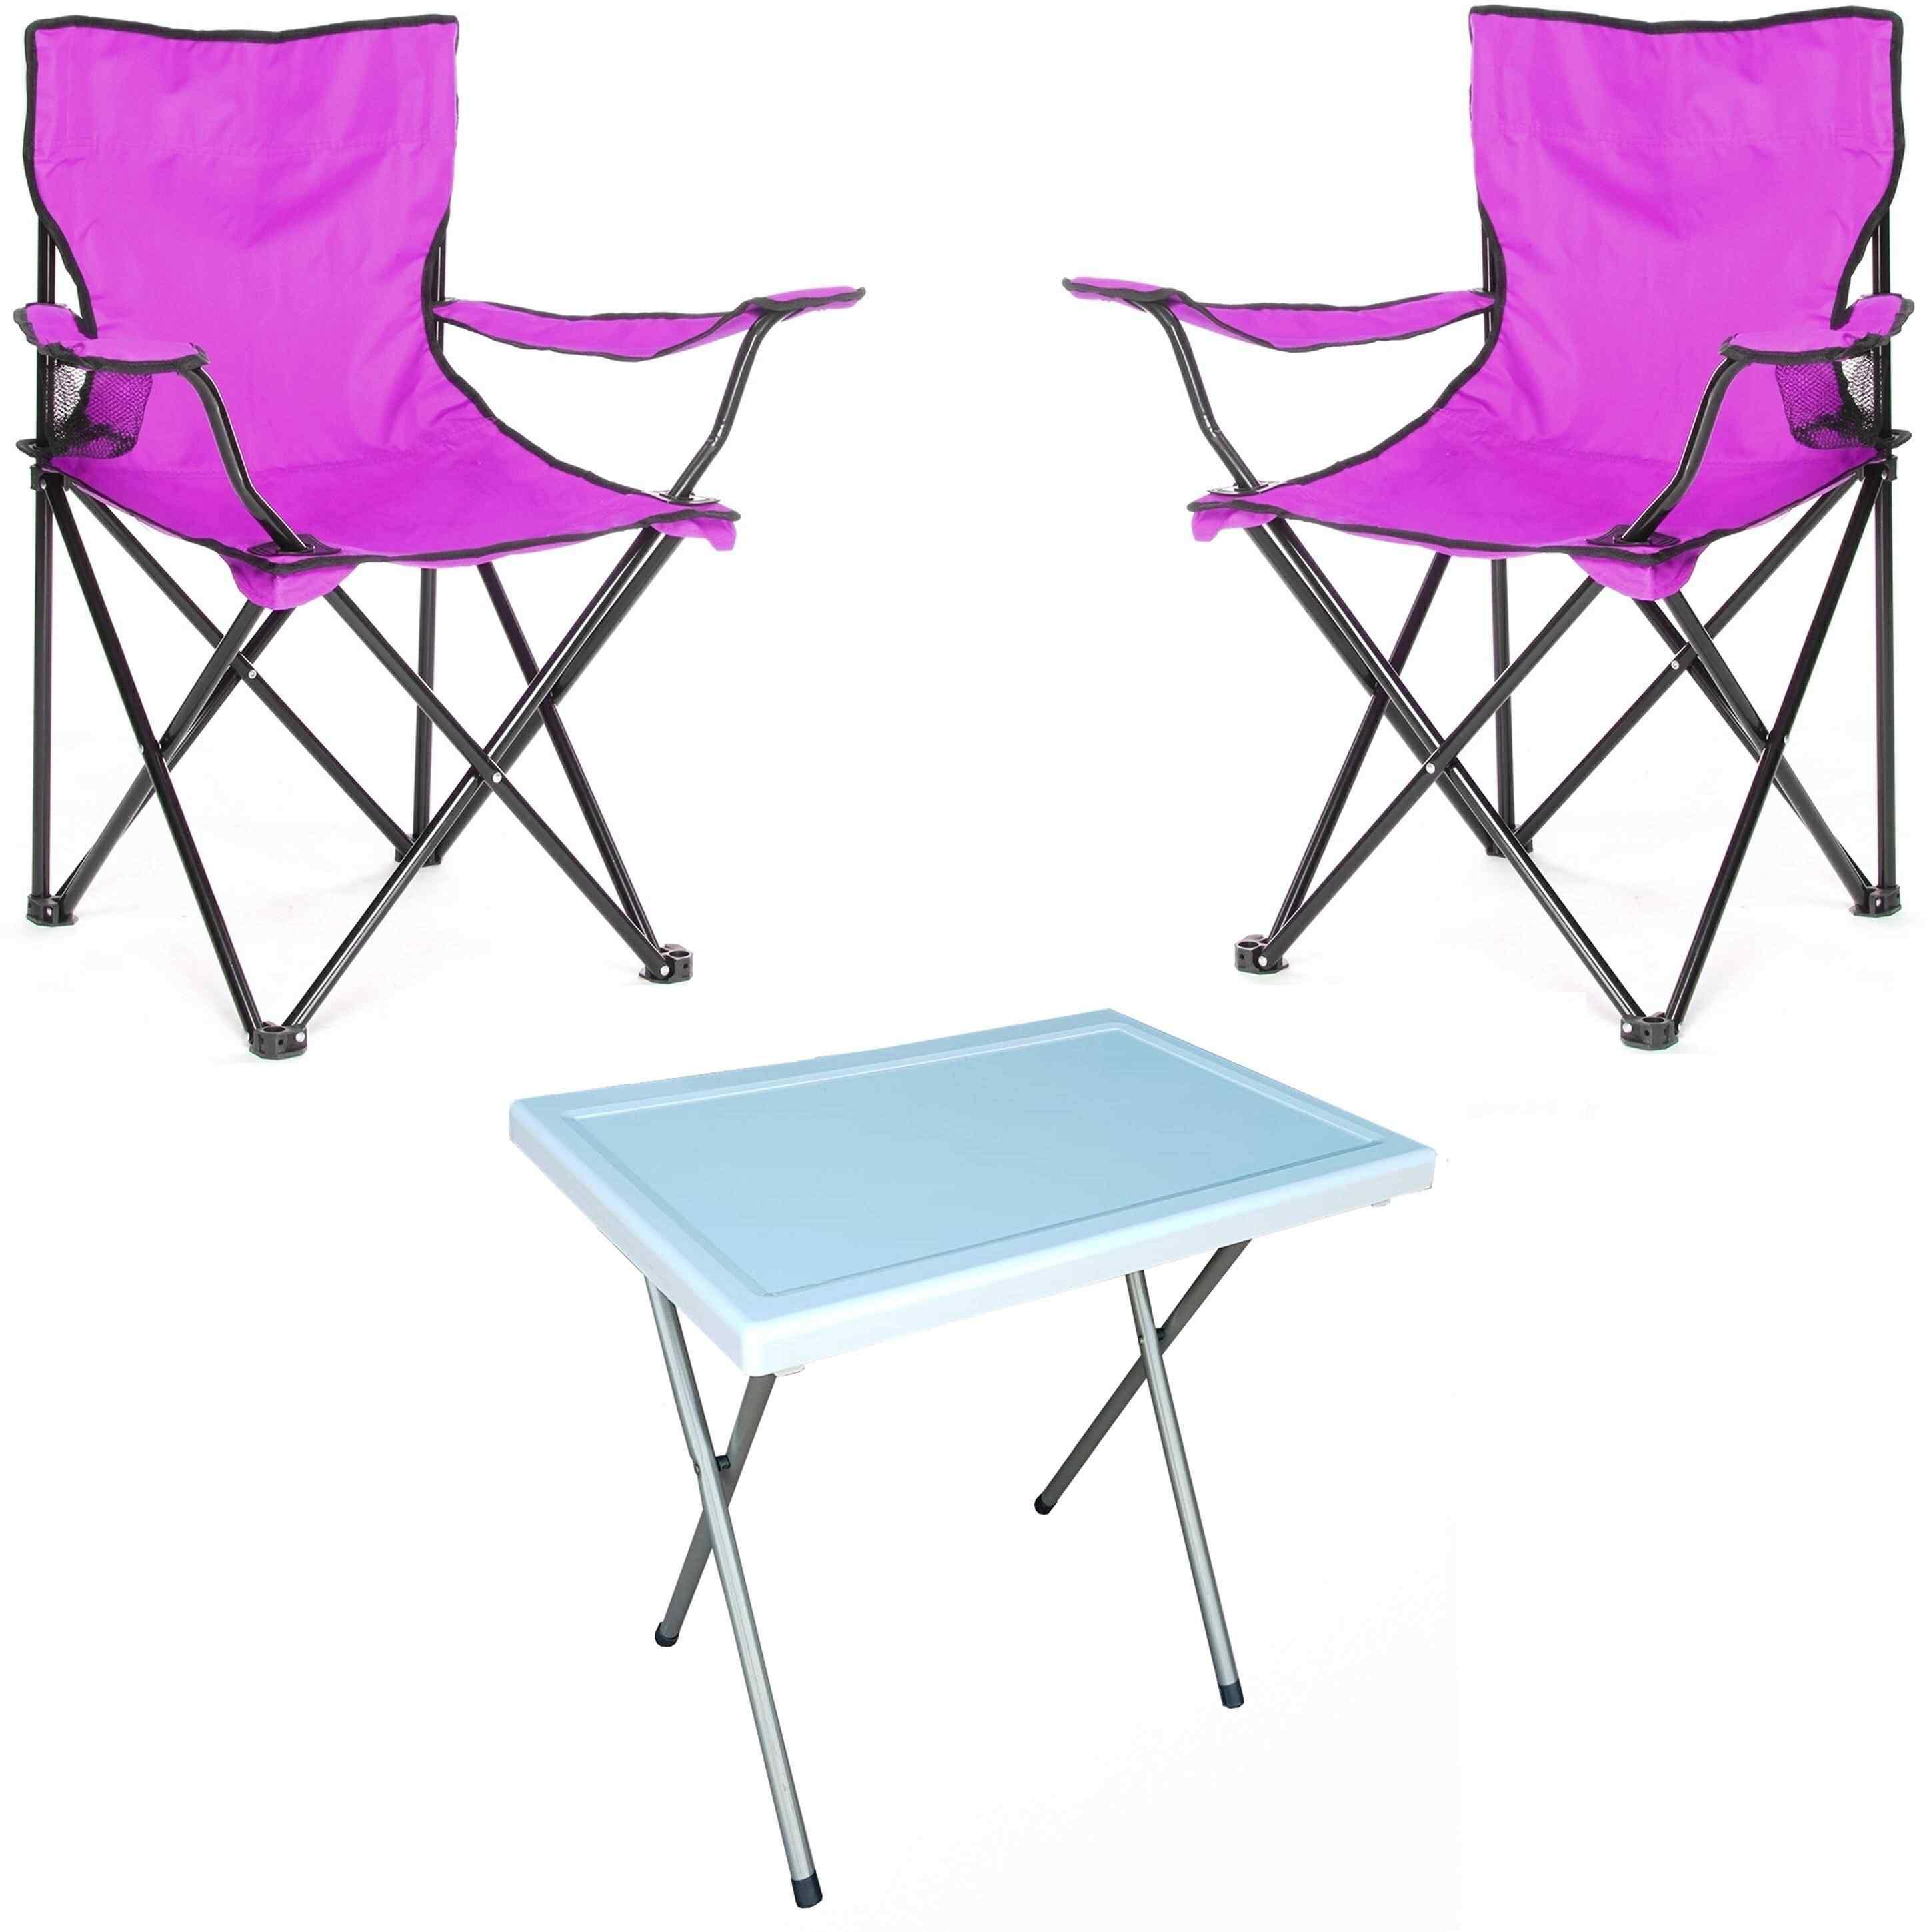 Beco Katlanabilir Kamp Sandalyesi Koltuk ve Masa Seti Lila 2+1